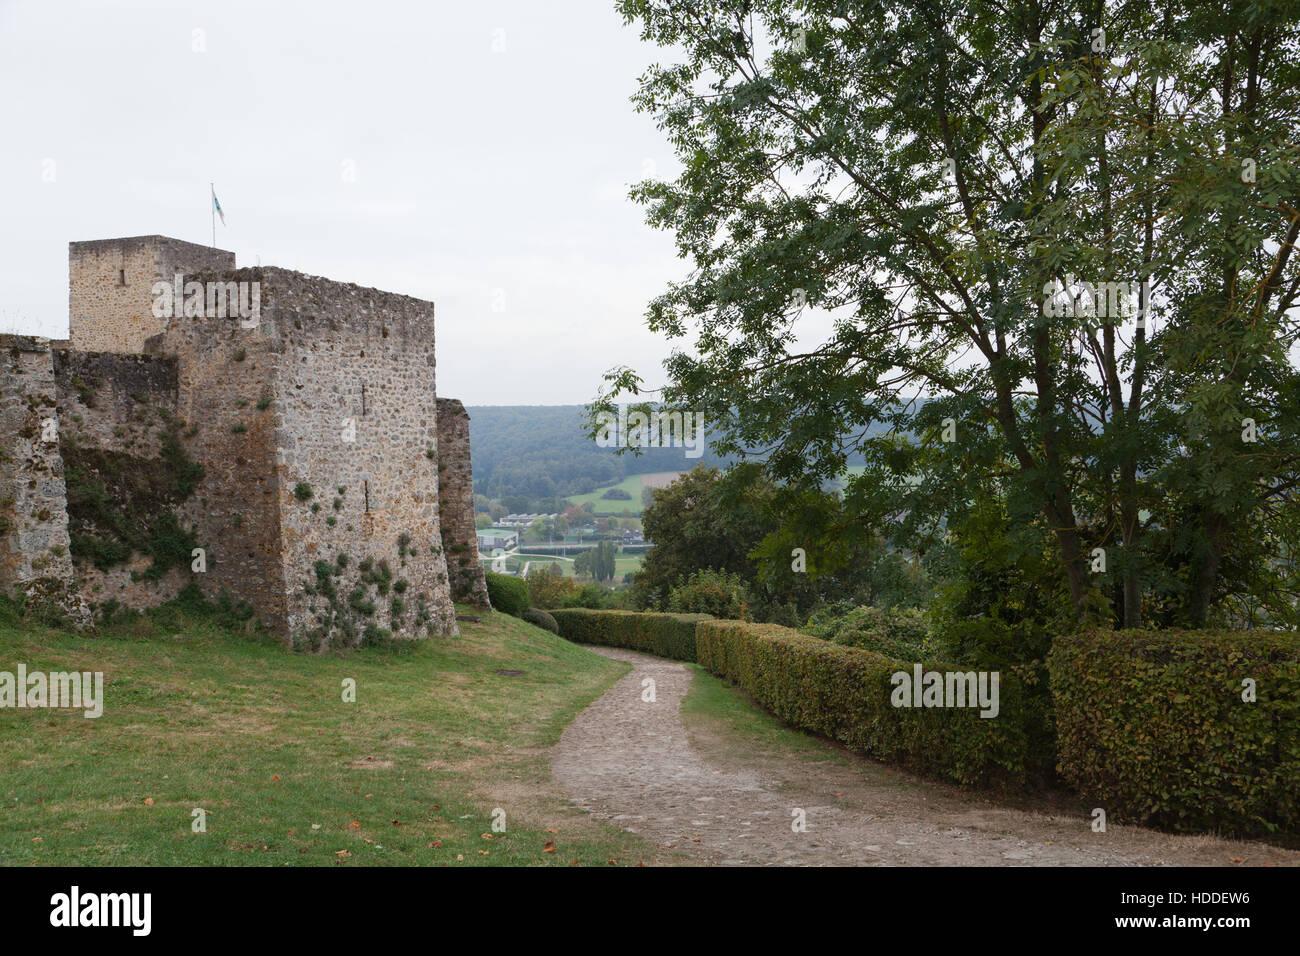 Château de la Madeleine, Chevreuse, Yvelines department, Île-de-France region, France. - Stock Image